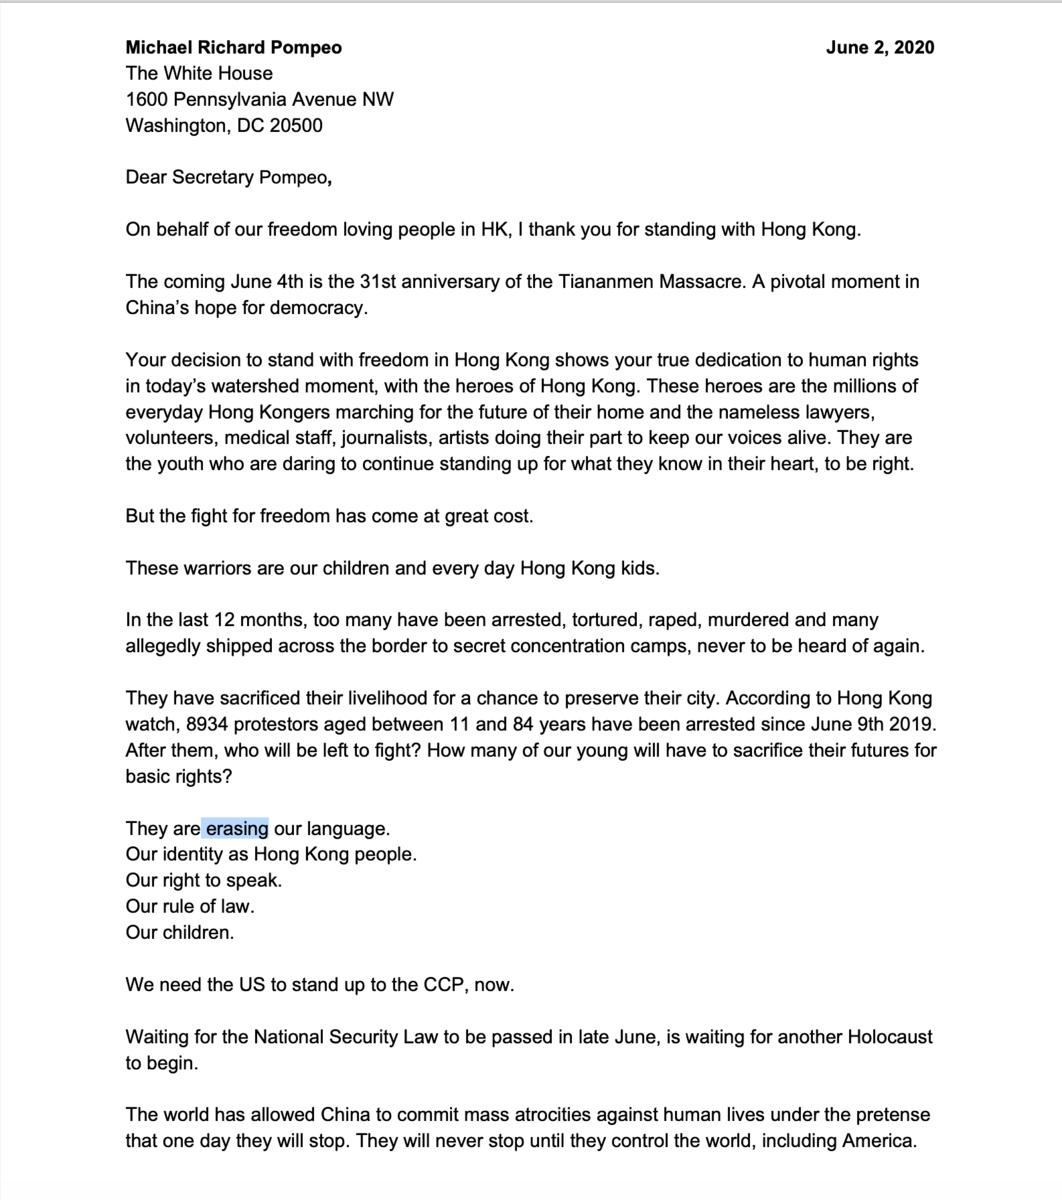 袁弓夷給蓬佩奧公開信英文全文(1)(大紀元圖片庫)